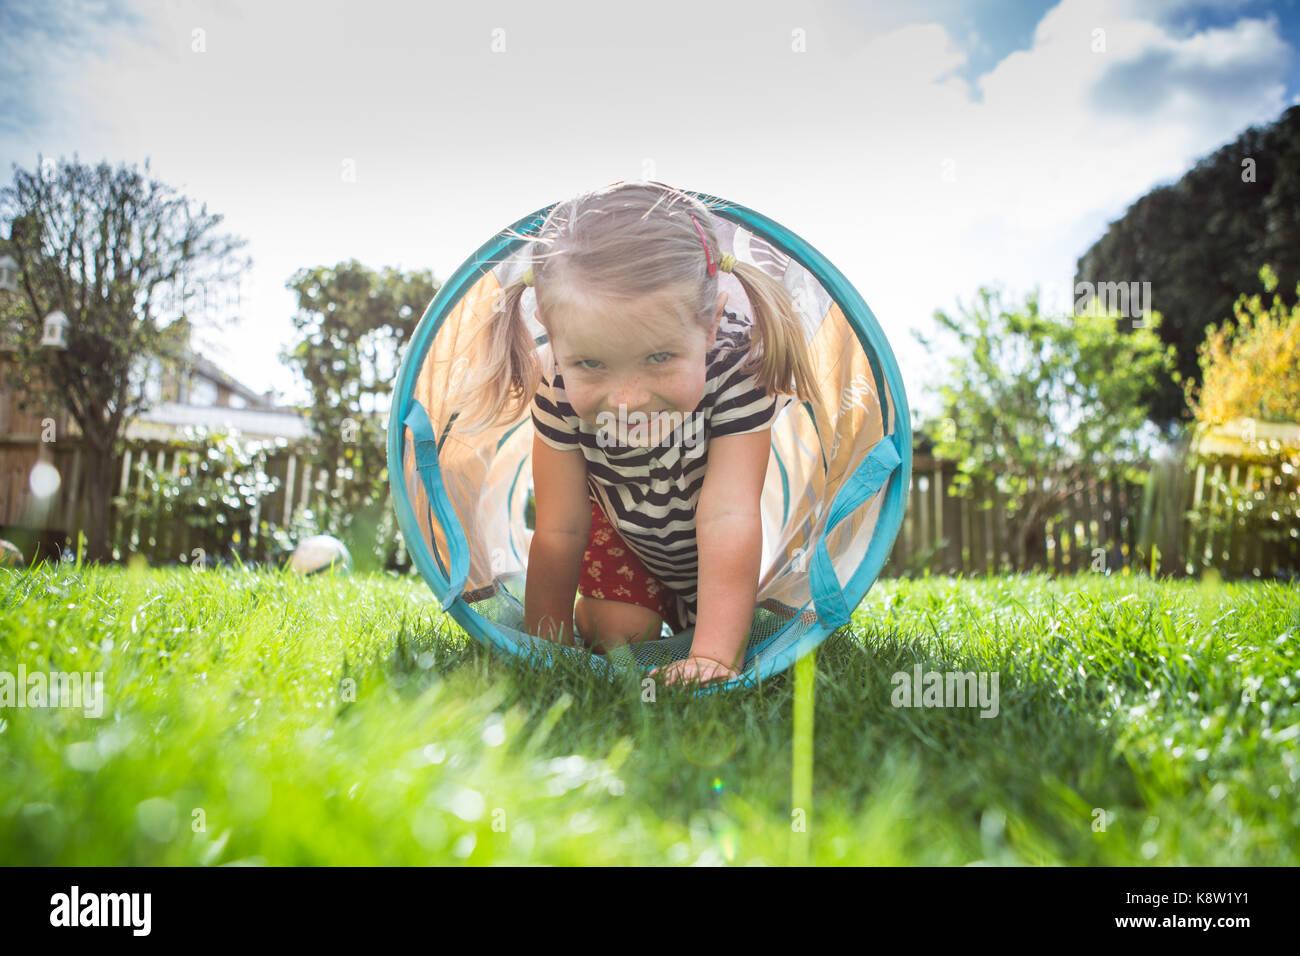 Bambina giocare in giardino Foto Stock